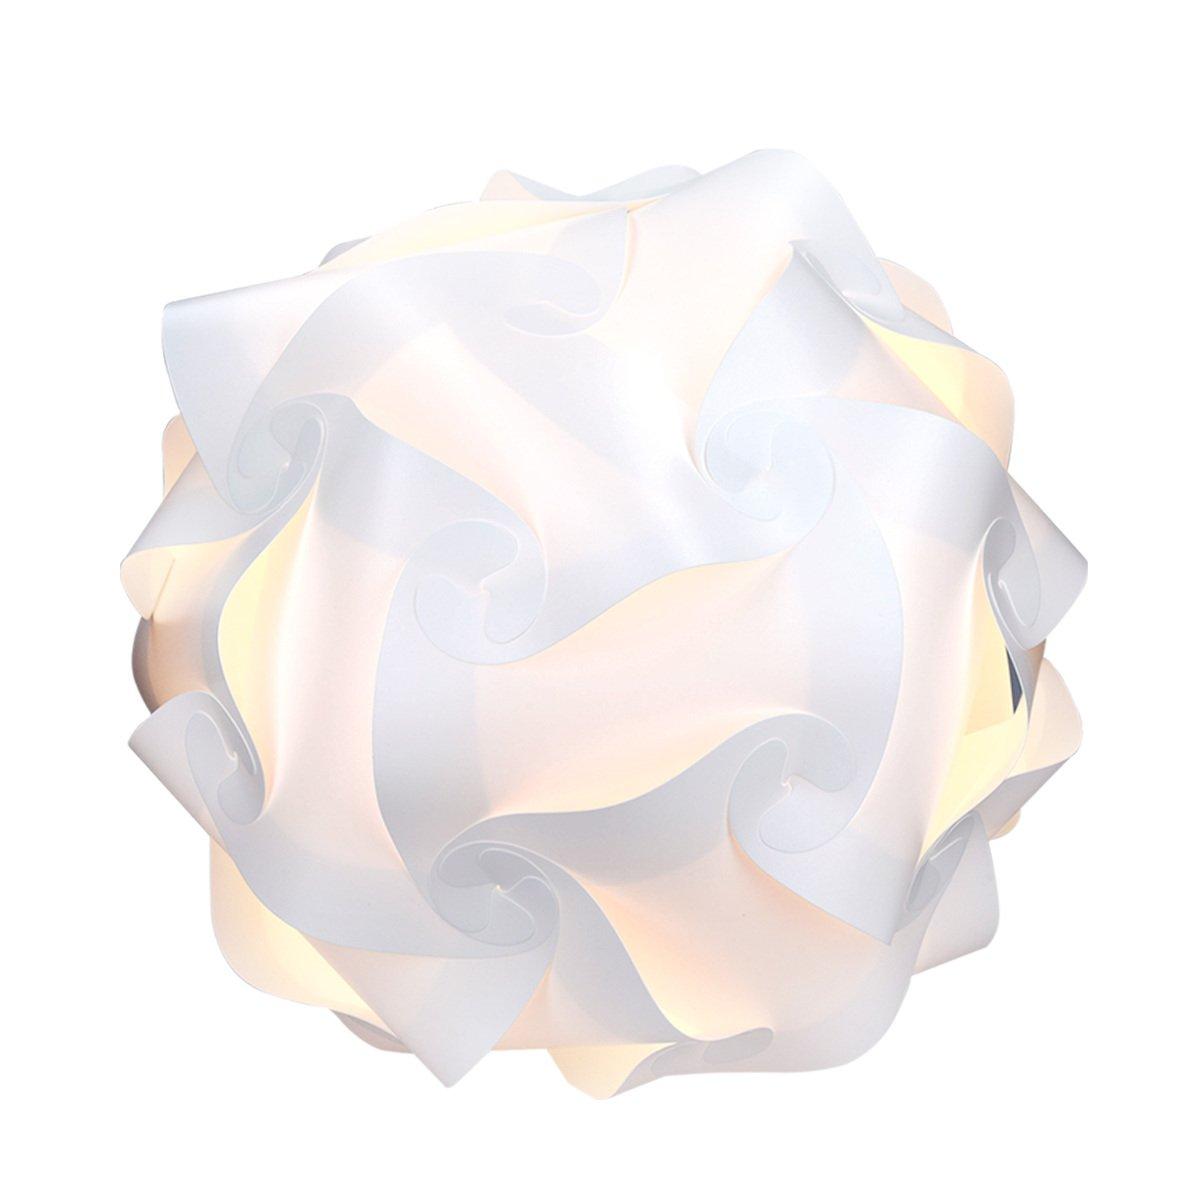 kwmobile DIY Puzzle Lampe Lampenschirm - Deckenlampe Pendelleuchte Schirm Teile - Jigsaw Puzzlelampe min. 15 Designs Ø ca. 27 cm - Gr. M in Weiß KW-Commerce 41359_m000096